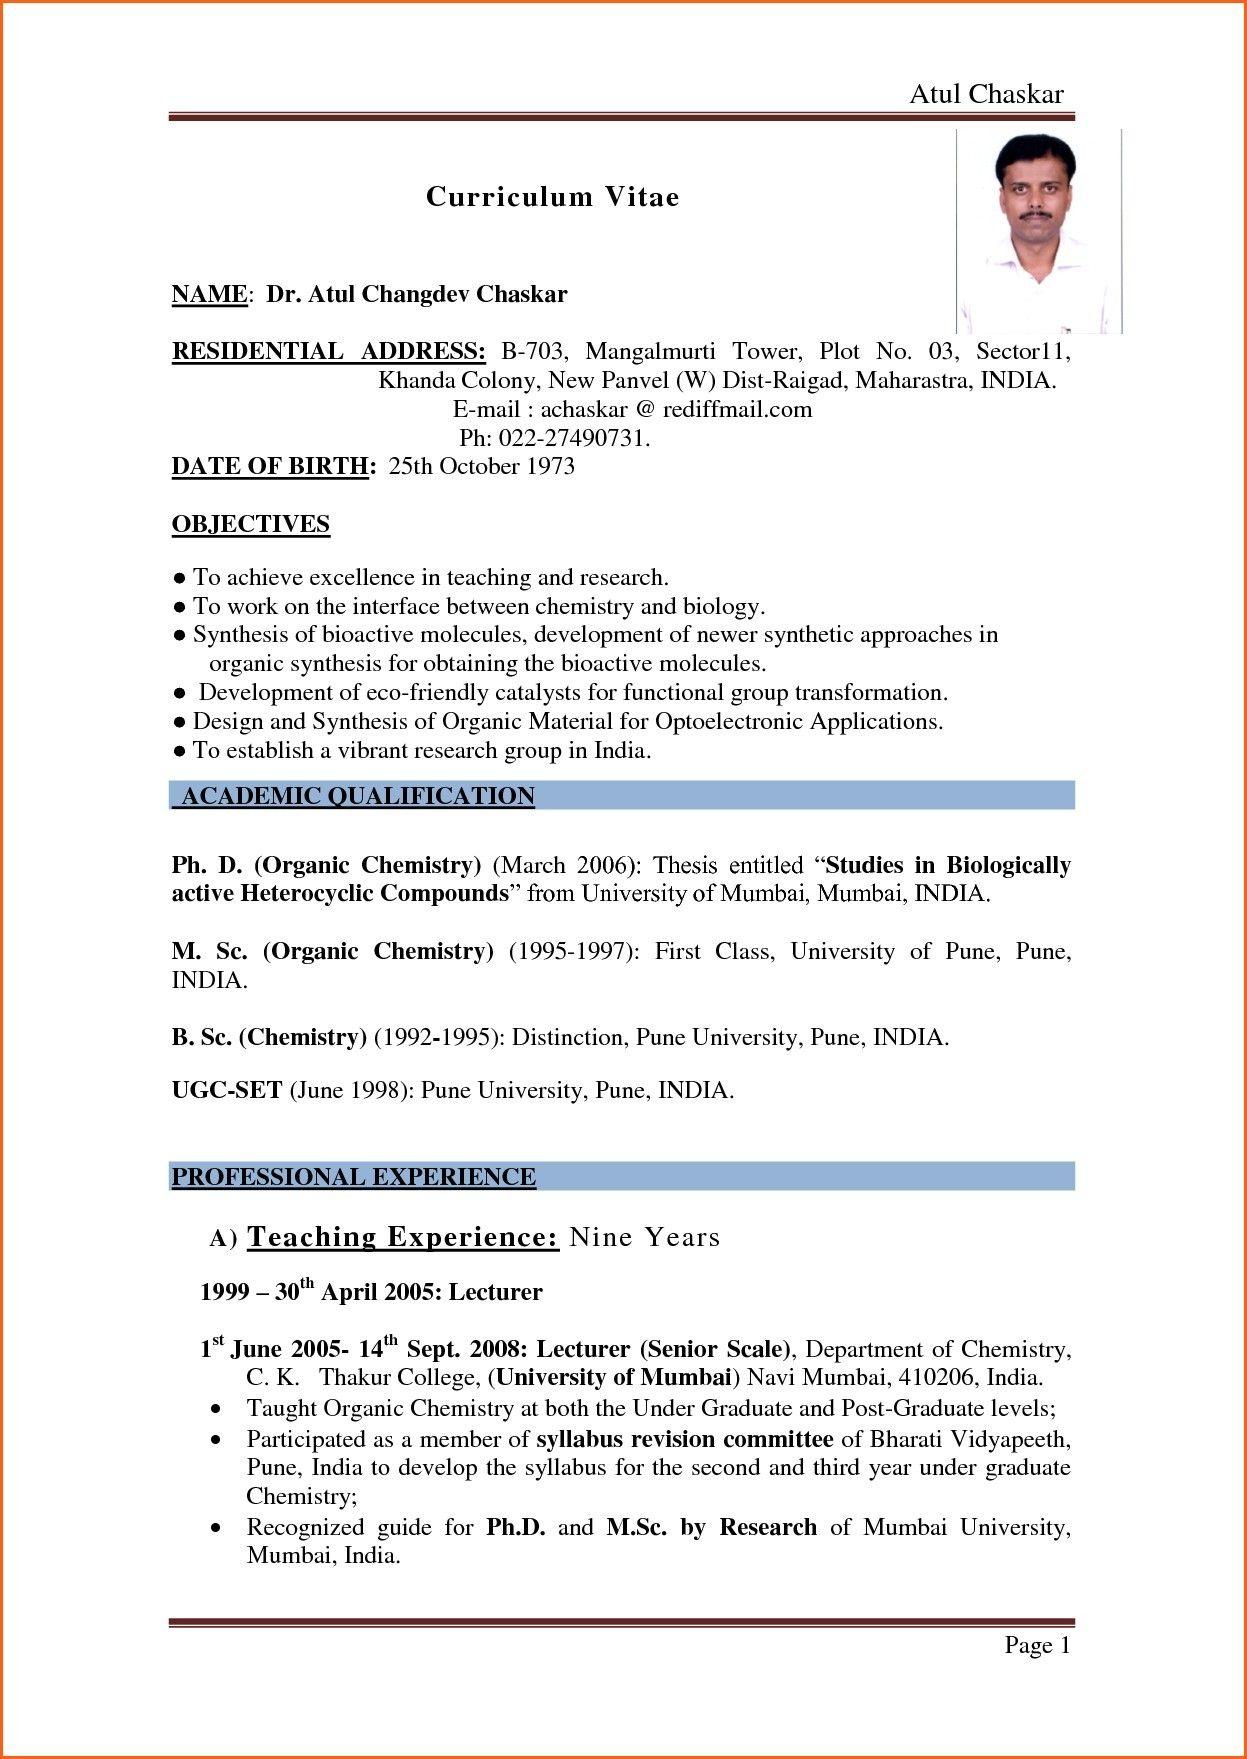 model resume pdf for teachers